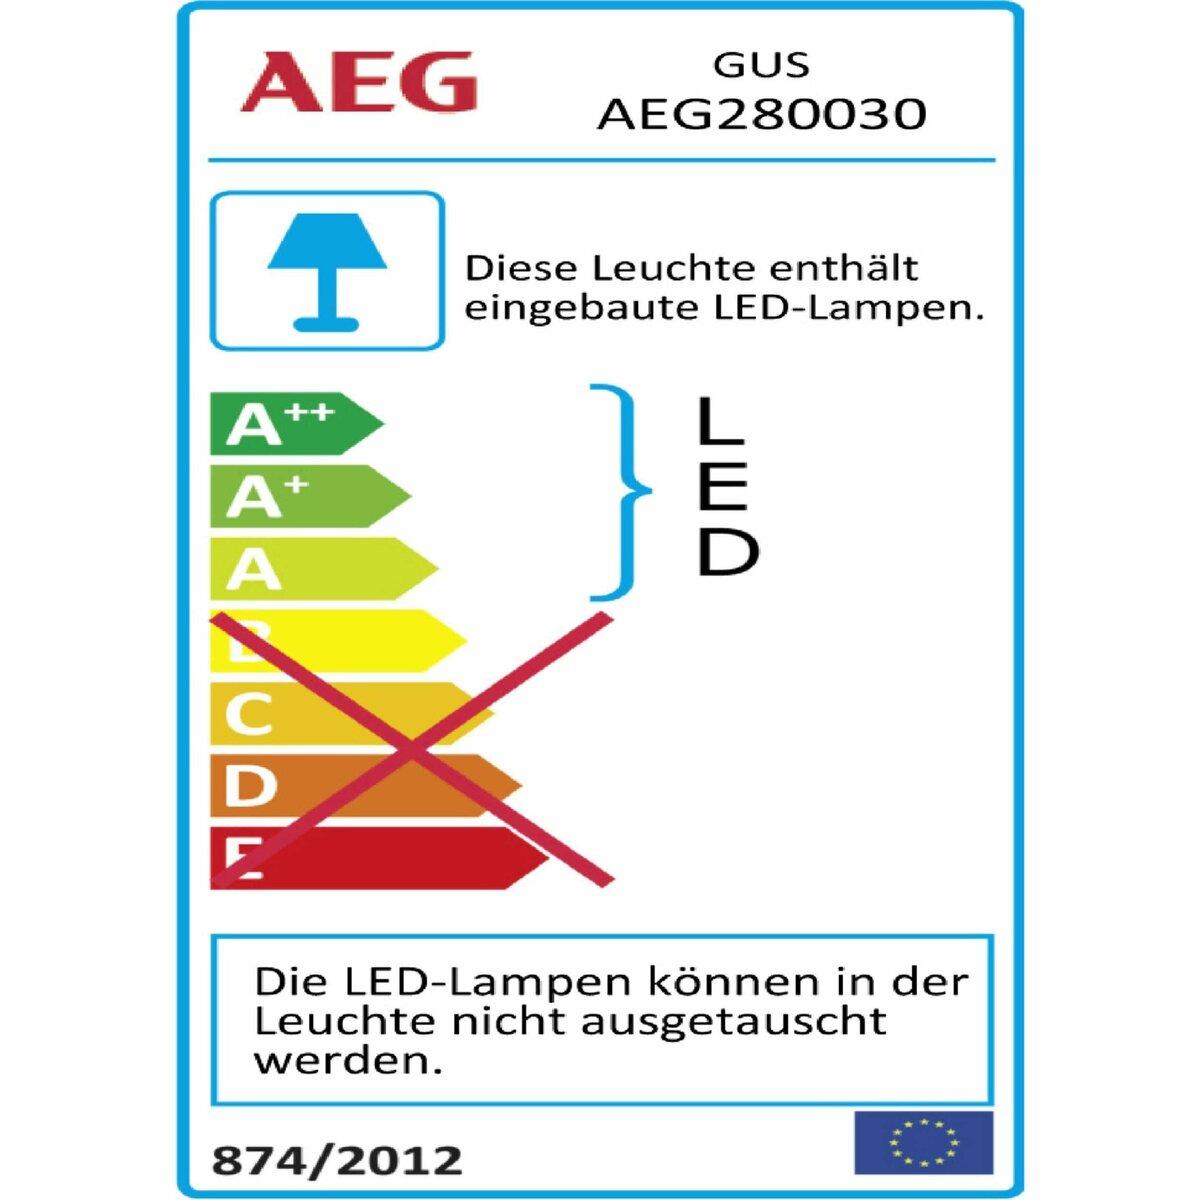 Bild 4 von AEG LED-Außenwandleuchte   Gus